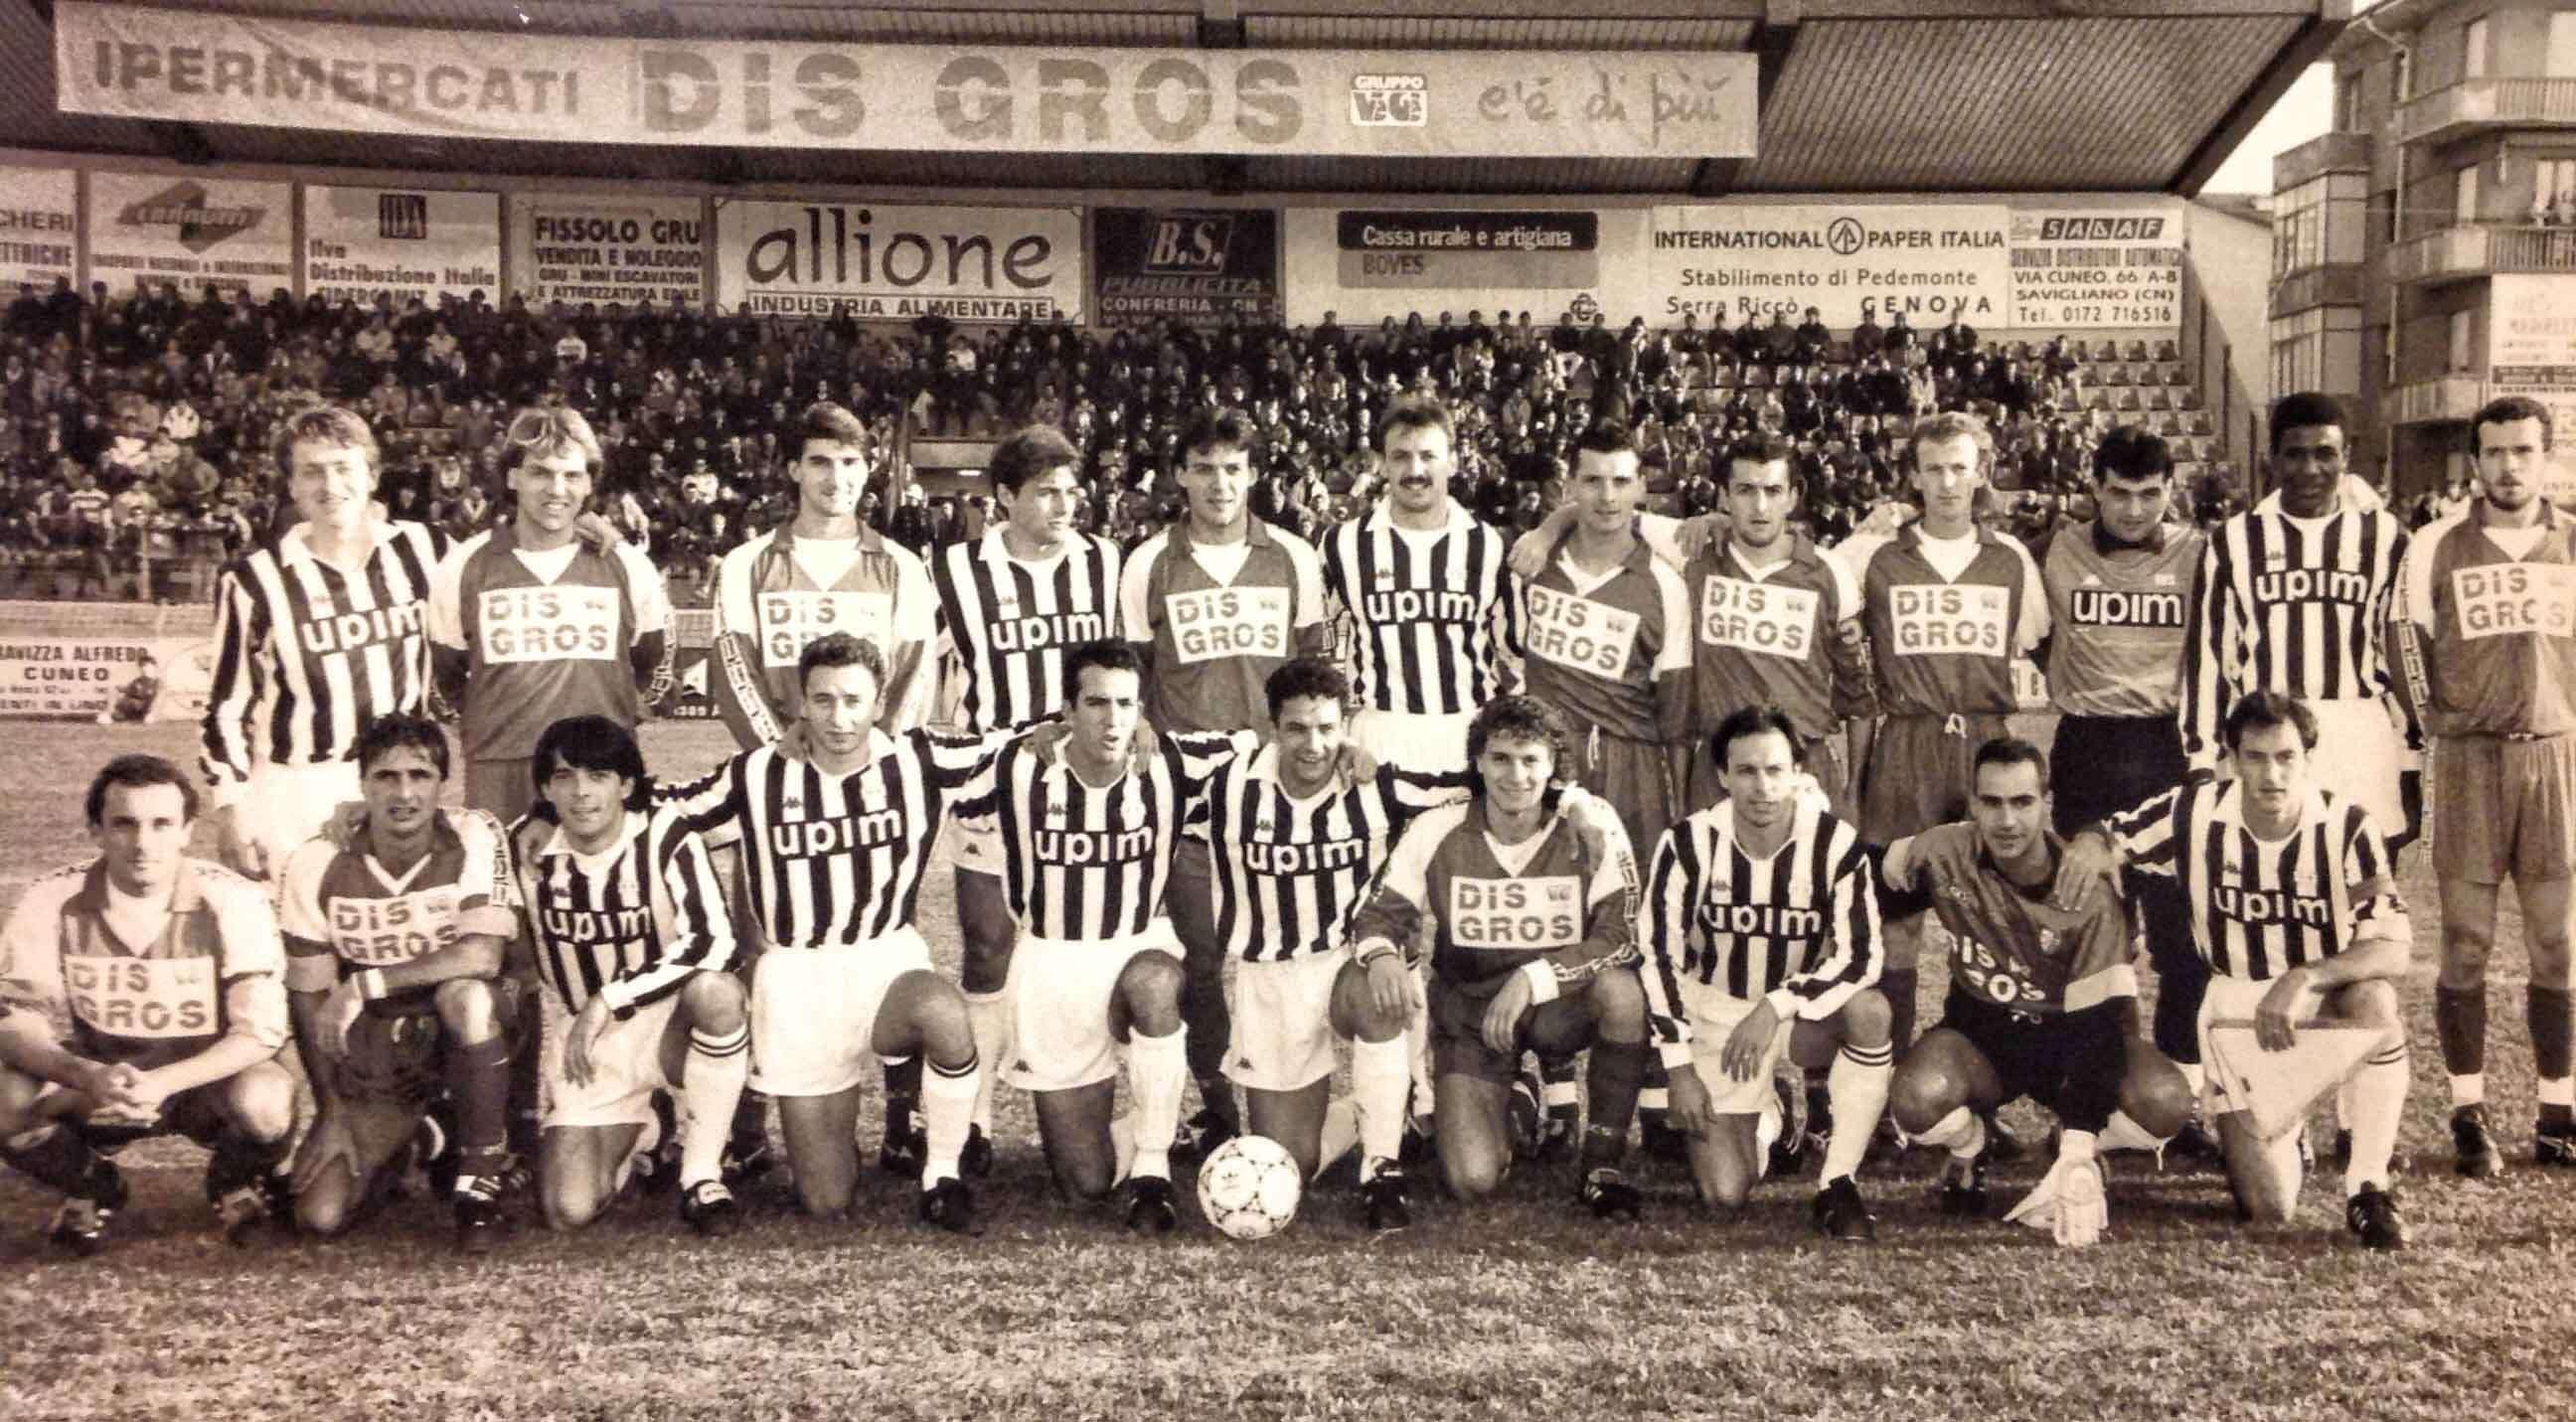 Amichevole Juventus-Cuneo. Zerpelloni è il secondo da sinistra in alto abbracciato a Marocchi